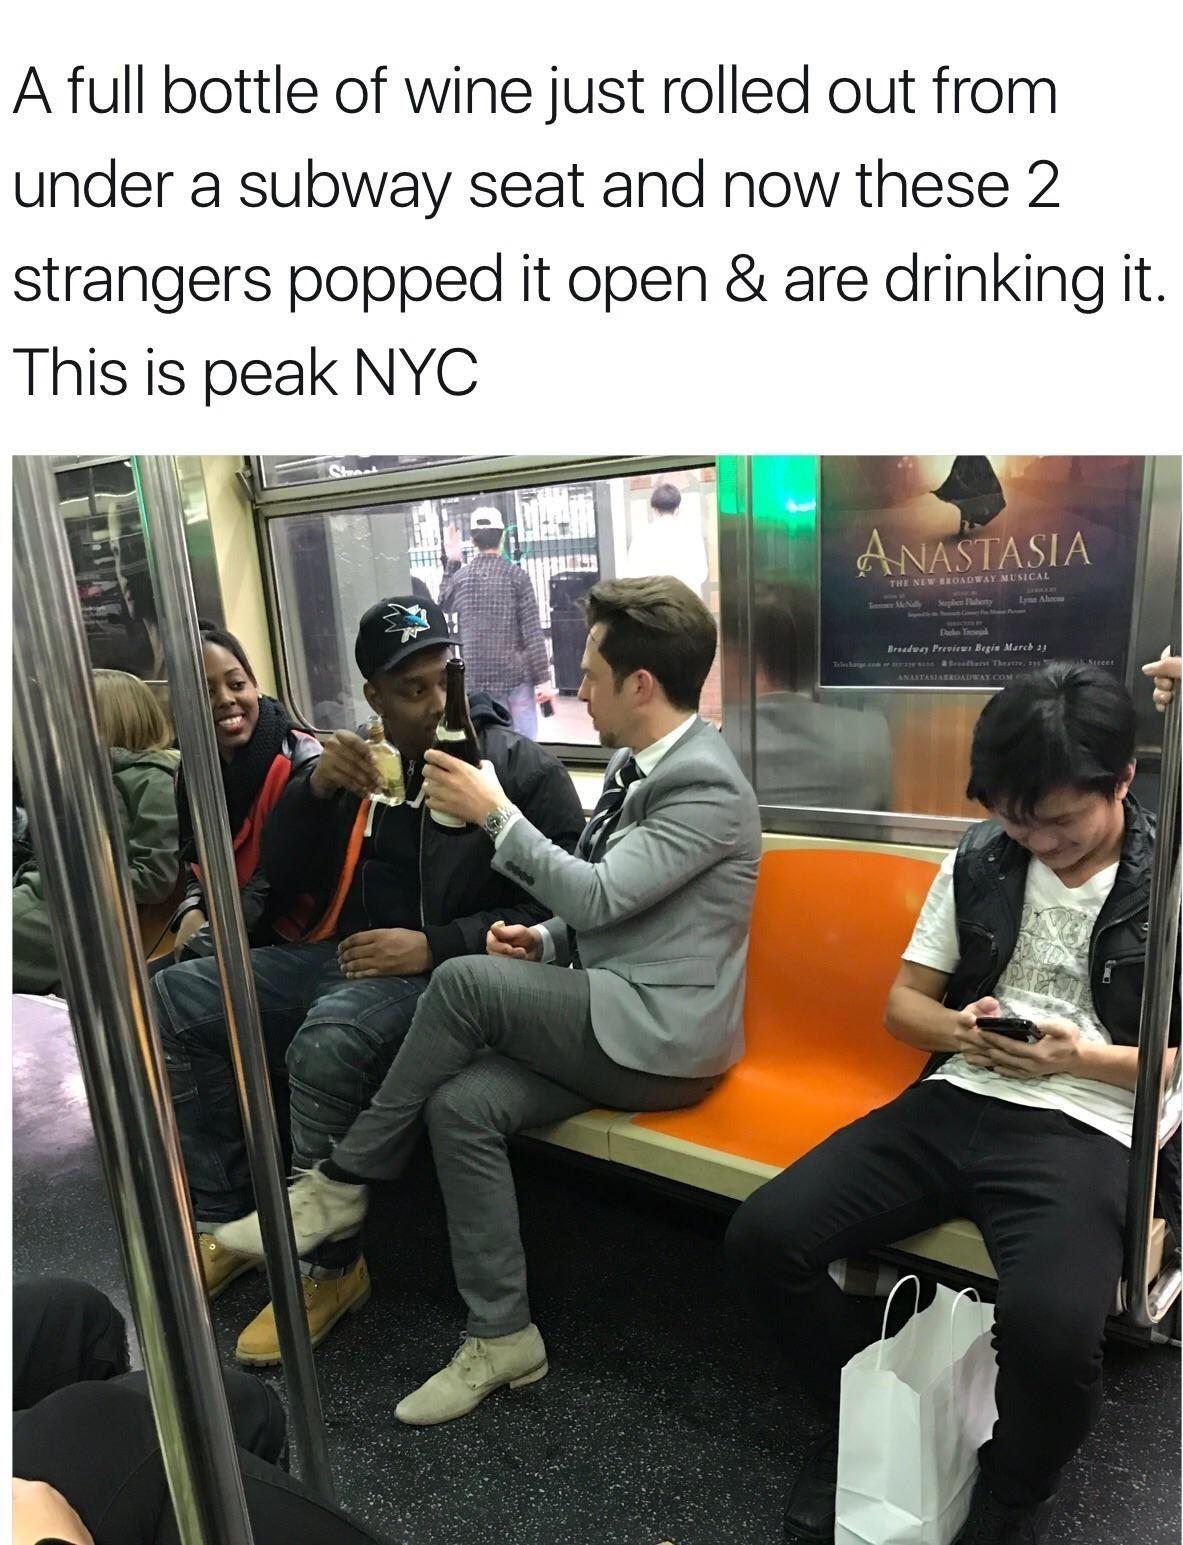 Trinkkumpel Gebraucht Diese Neuen Haben Alle Gut Wir Dasdiese Neuen Trinkkumpel Gut Wir Alle Haben Das Gebraucht Funny Jokes Funny Memes 9gag Funny